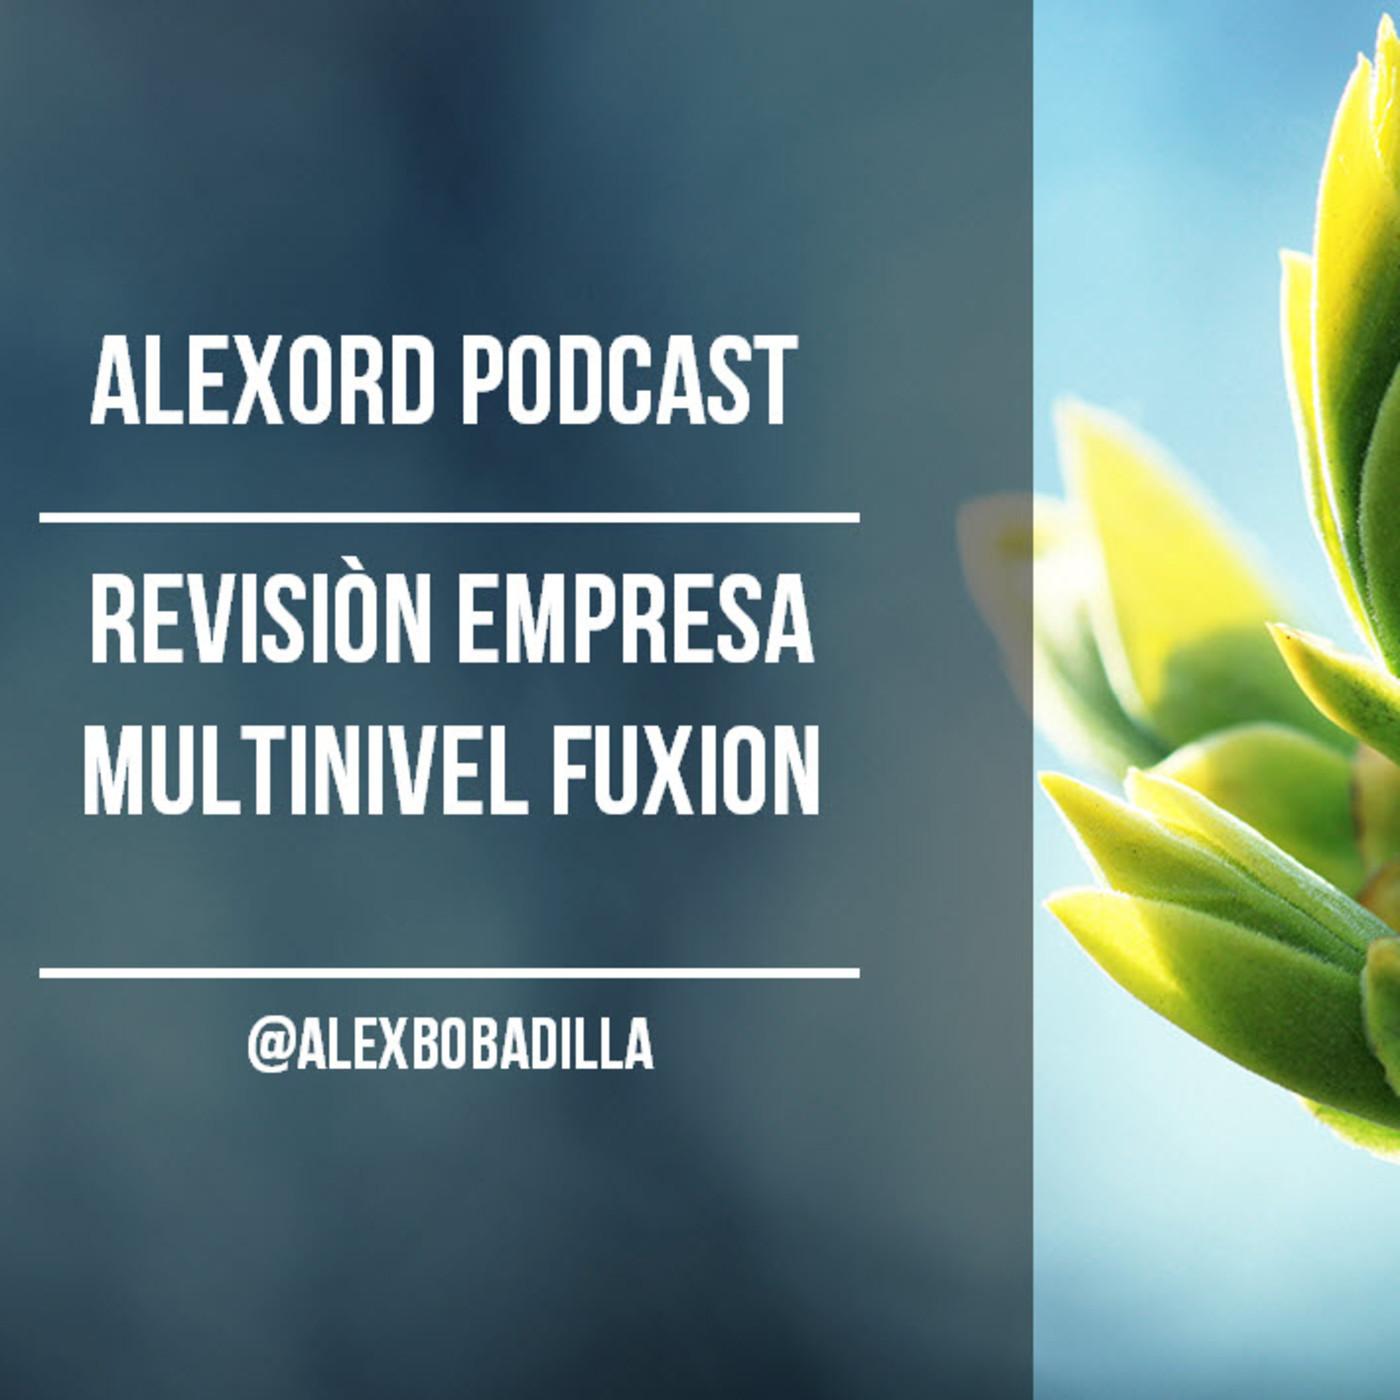 Cúal es la mejor empresa de negocios para productos de salud y bienestar  en  Alexord Podcast  02c7b5d7ba0